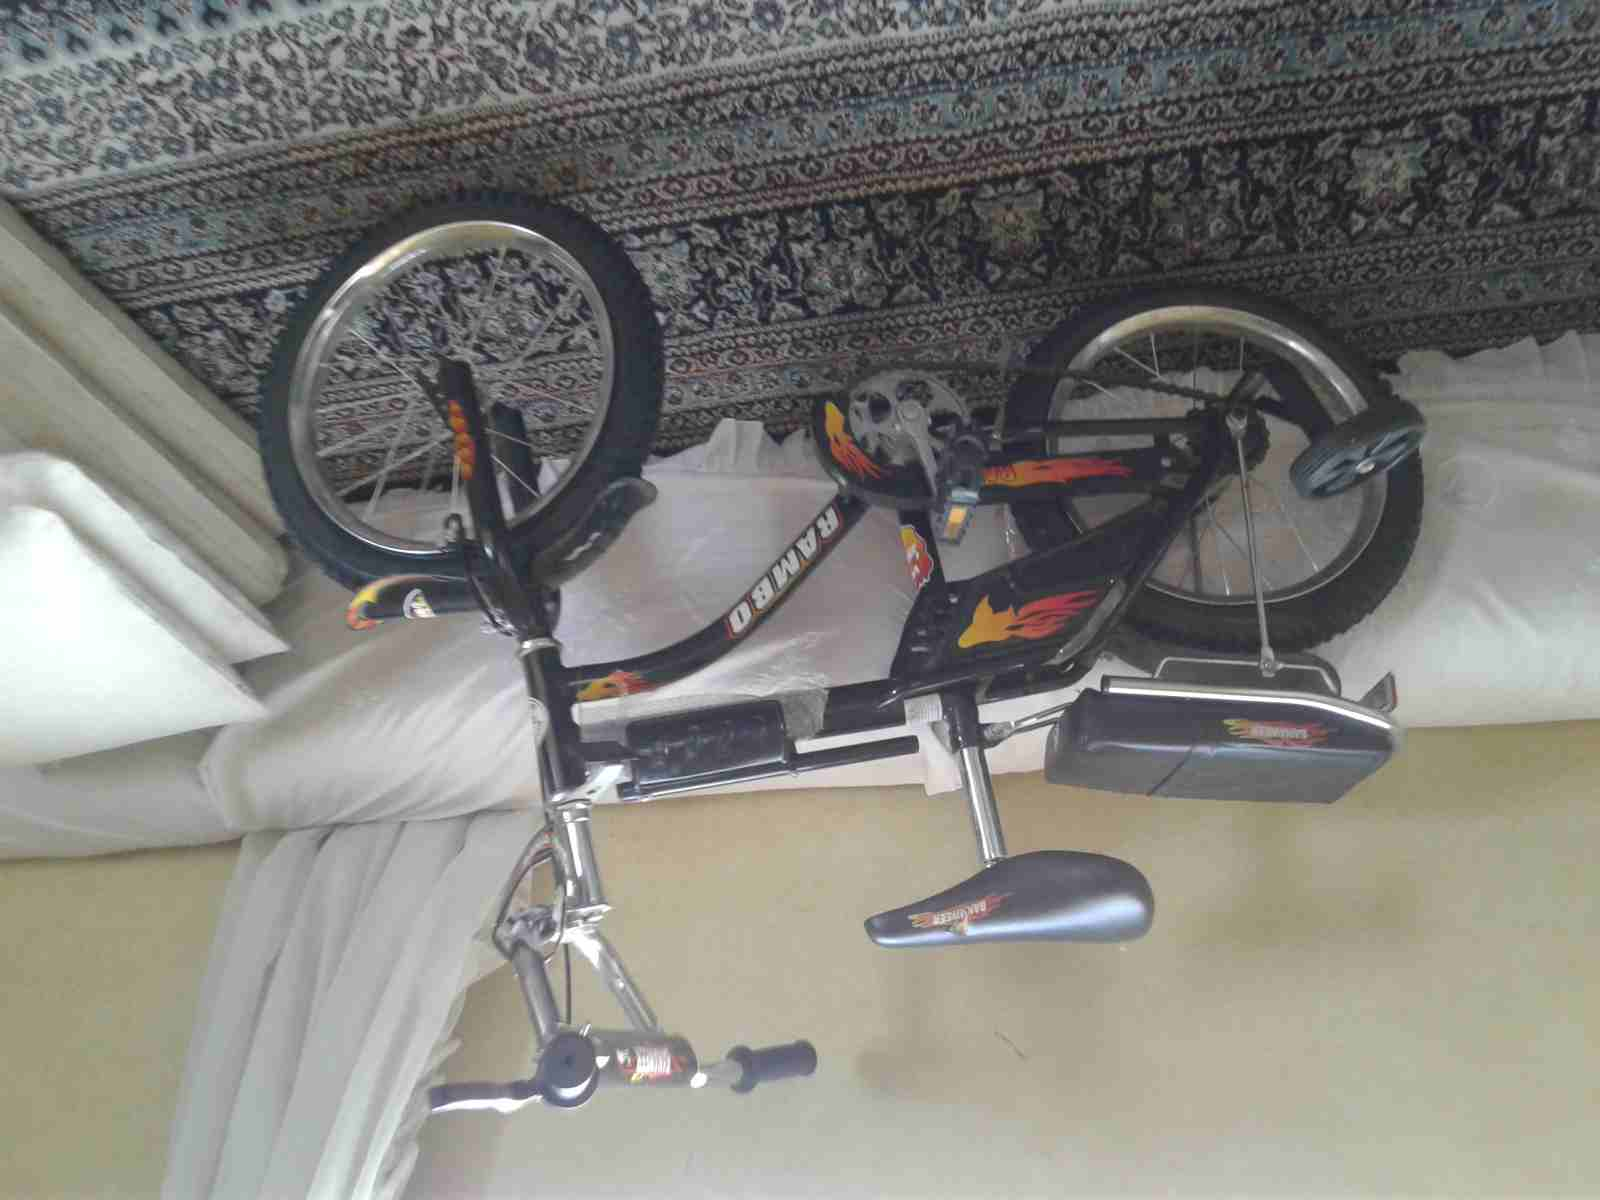 للبيع سيارة كهربائية-  دراجه ا لا تنسَ أنك شاهدت...